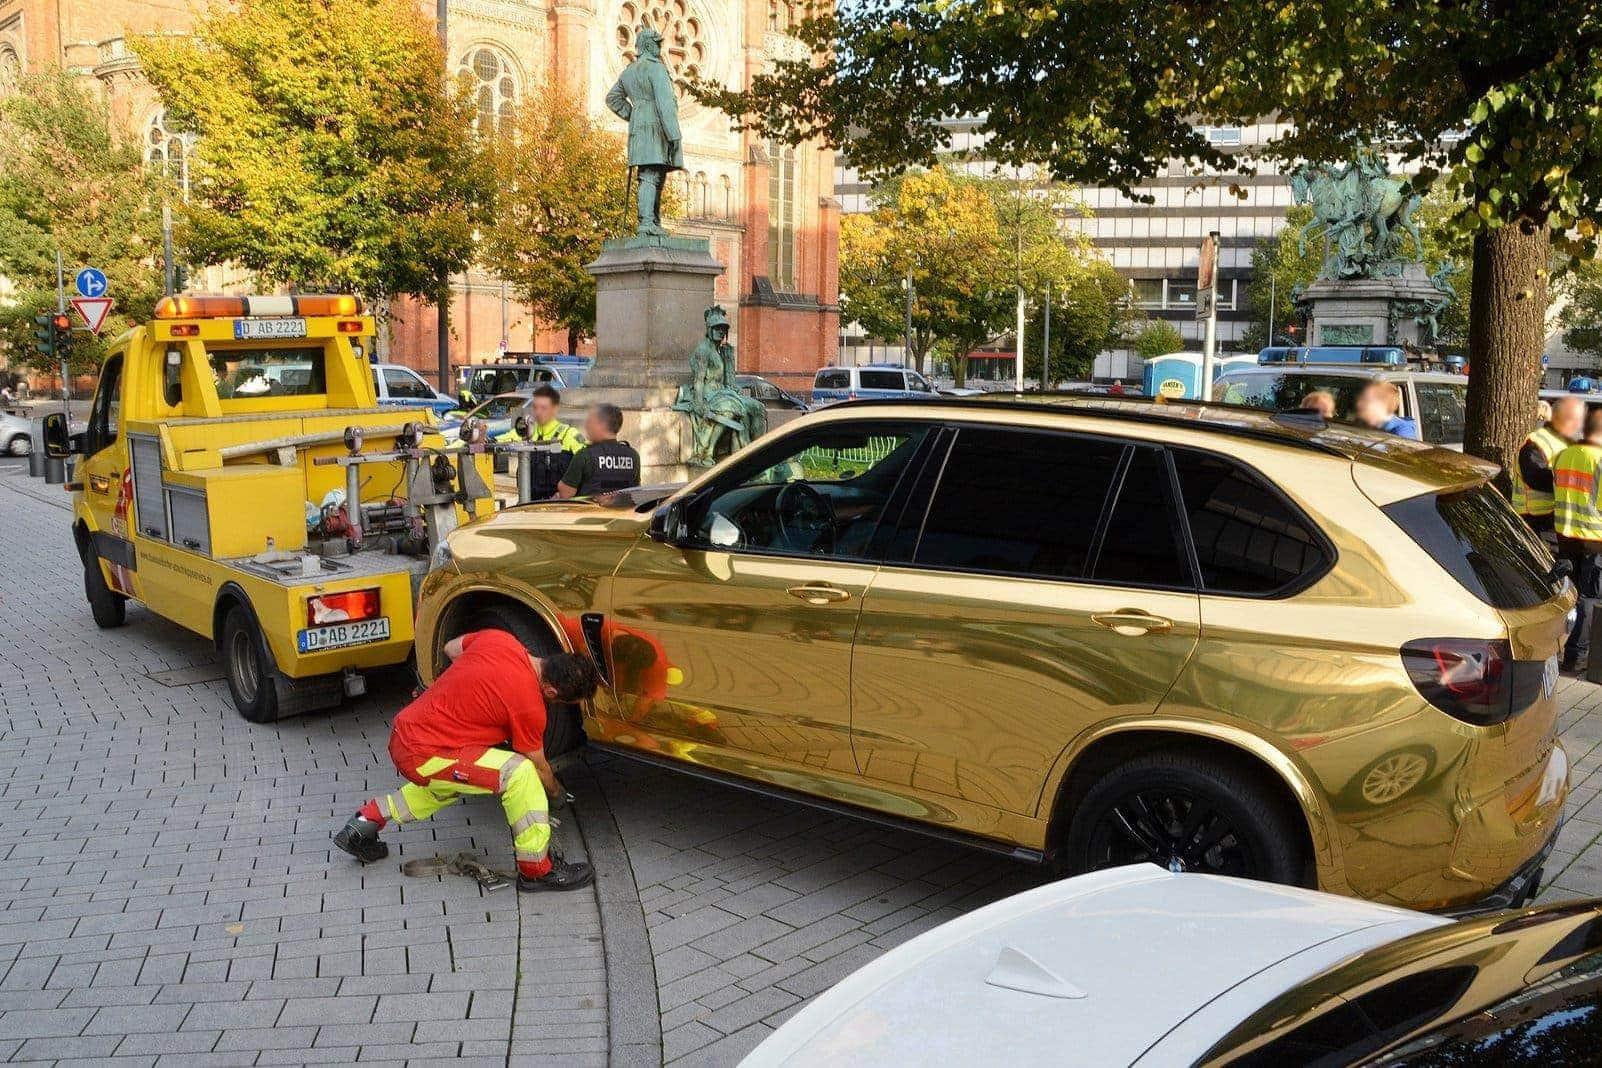 Auto-Poser auf der Kö: Düsseldorfer Polizei zieht goldenen Protz-SUV aus dem Verkehr